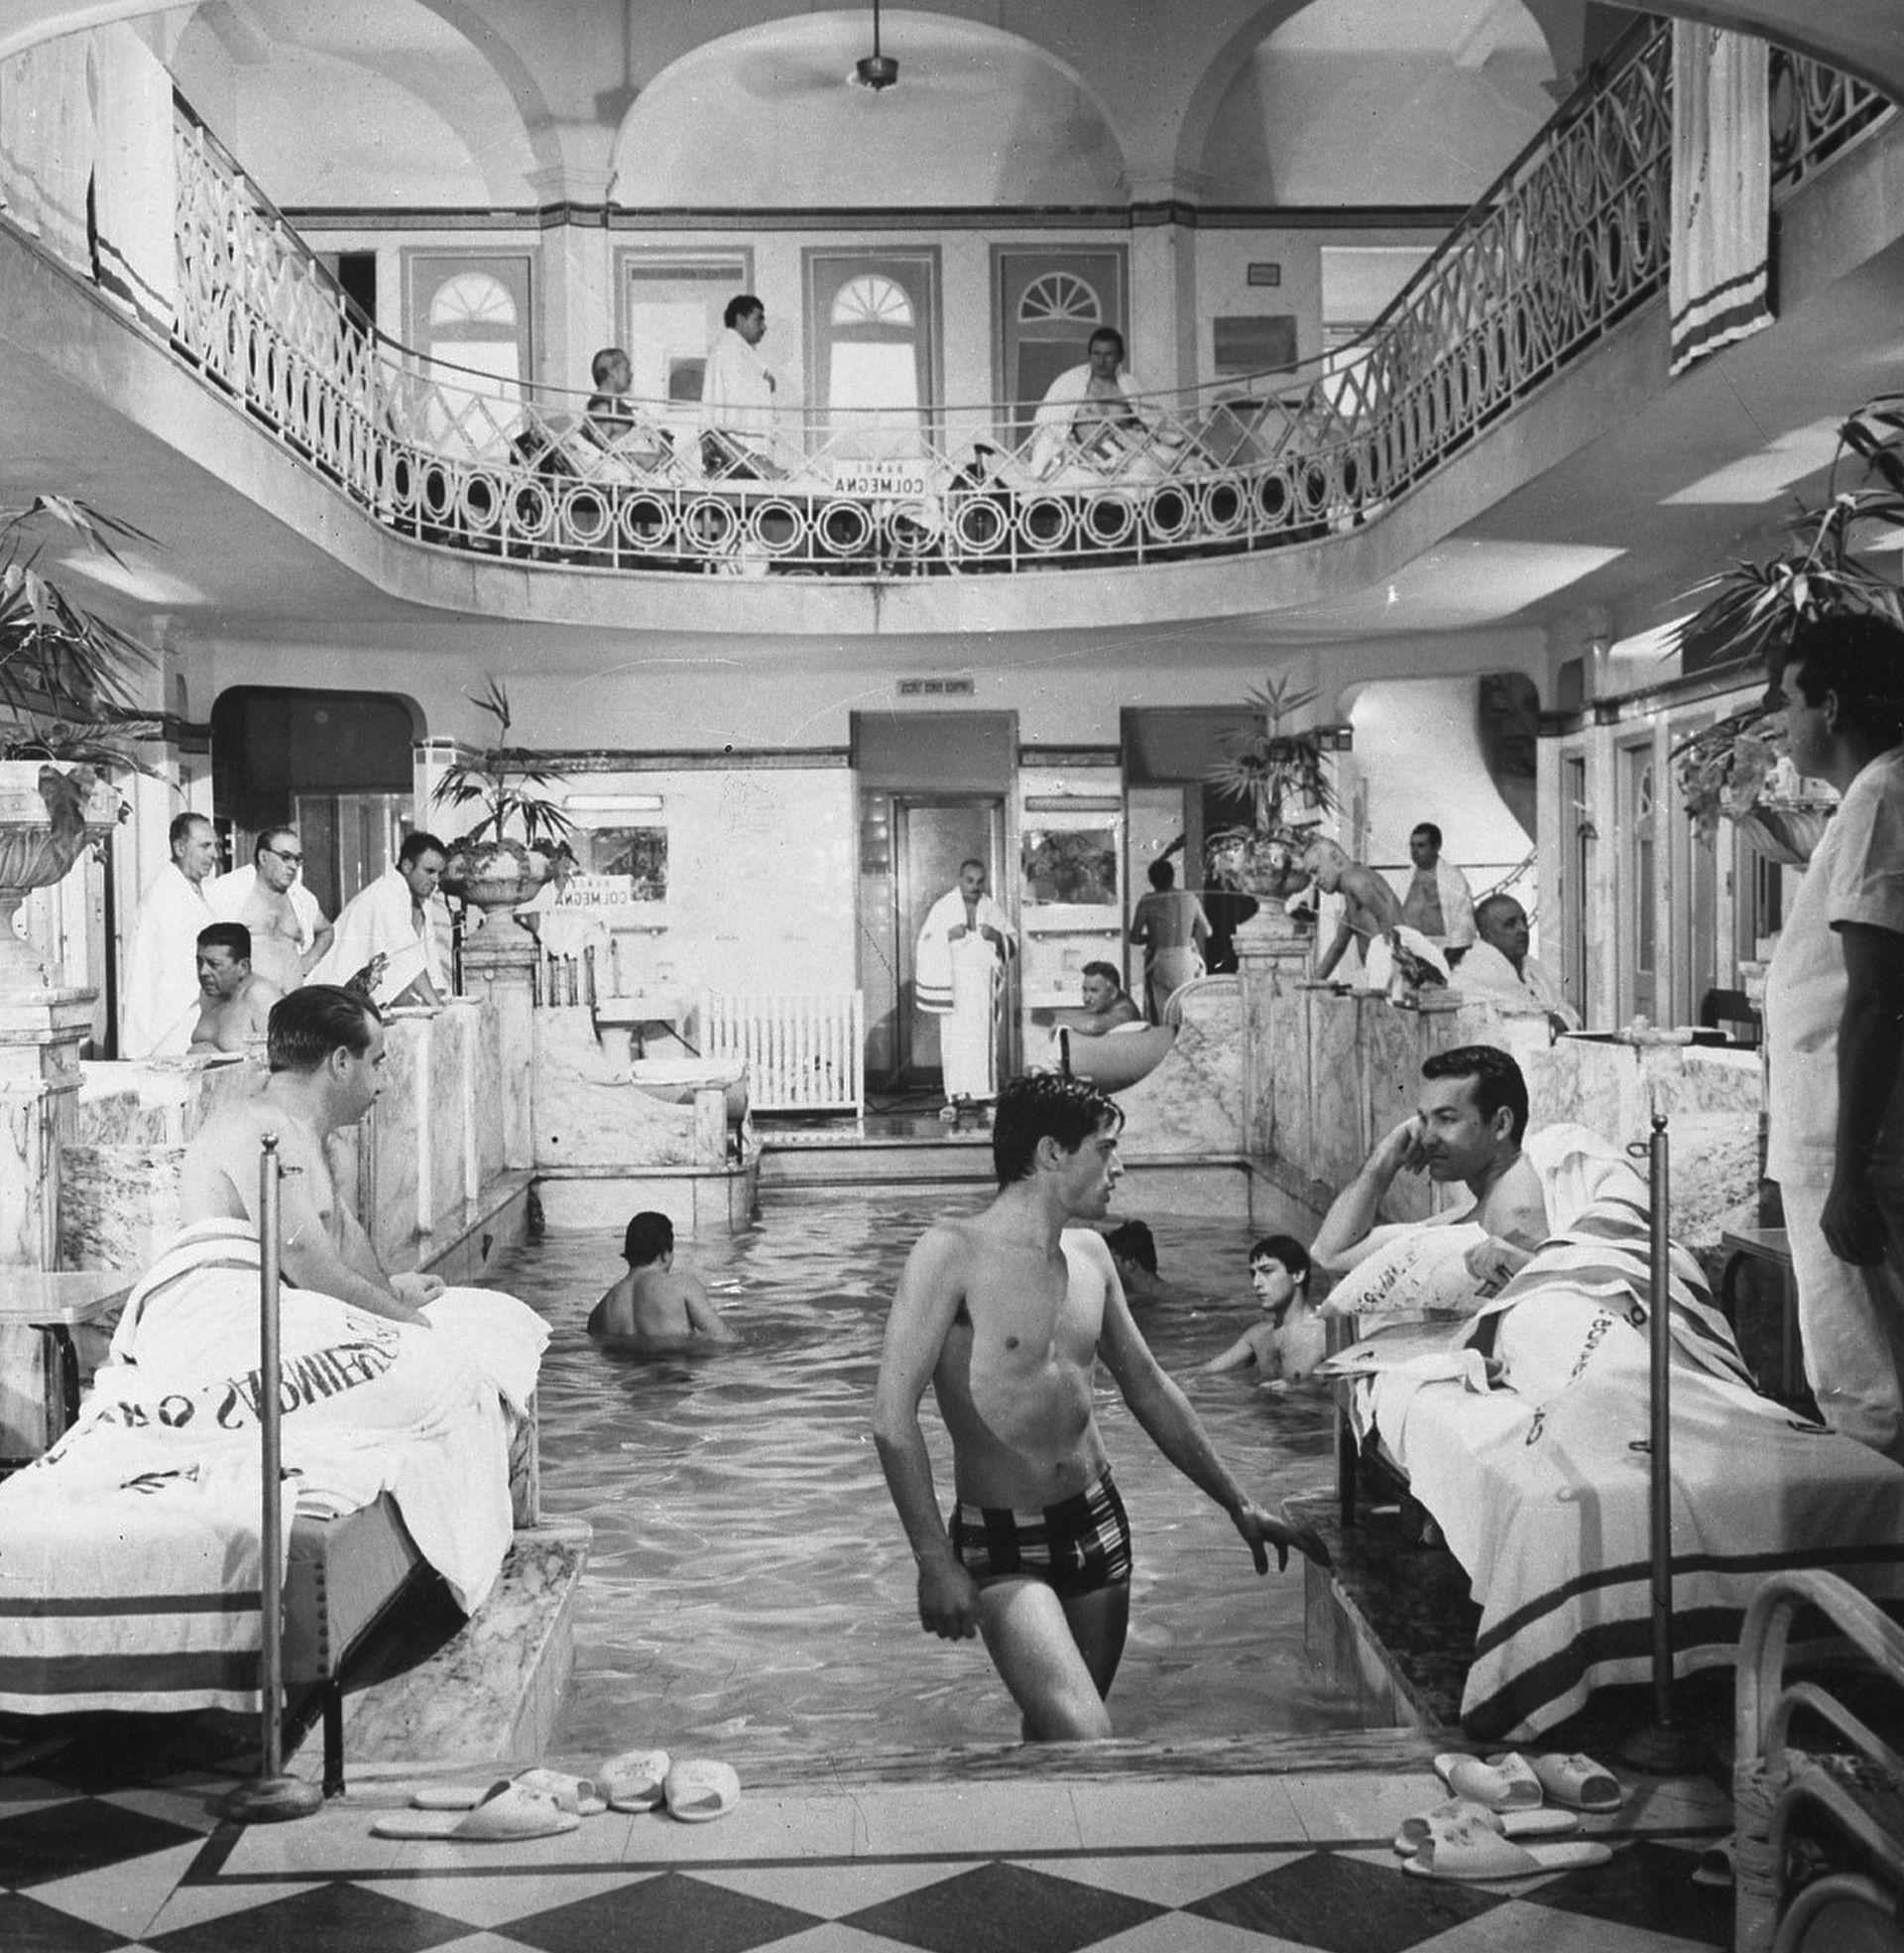 Según crónicas de la familia, a fines del siglo XIX, los hombres llegaban al lugar con la única intención de bañarse en sus cómodas instalaciones